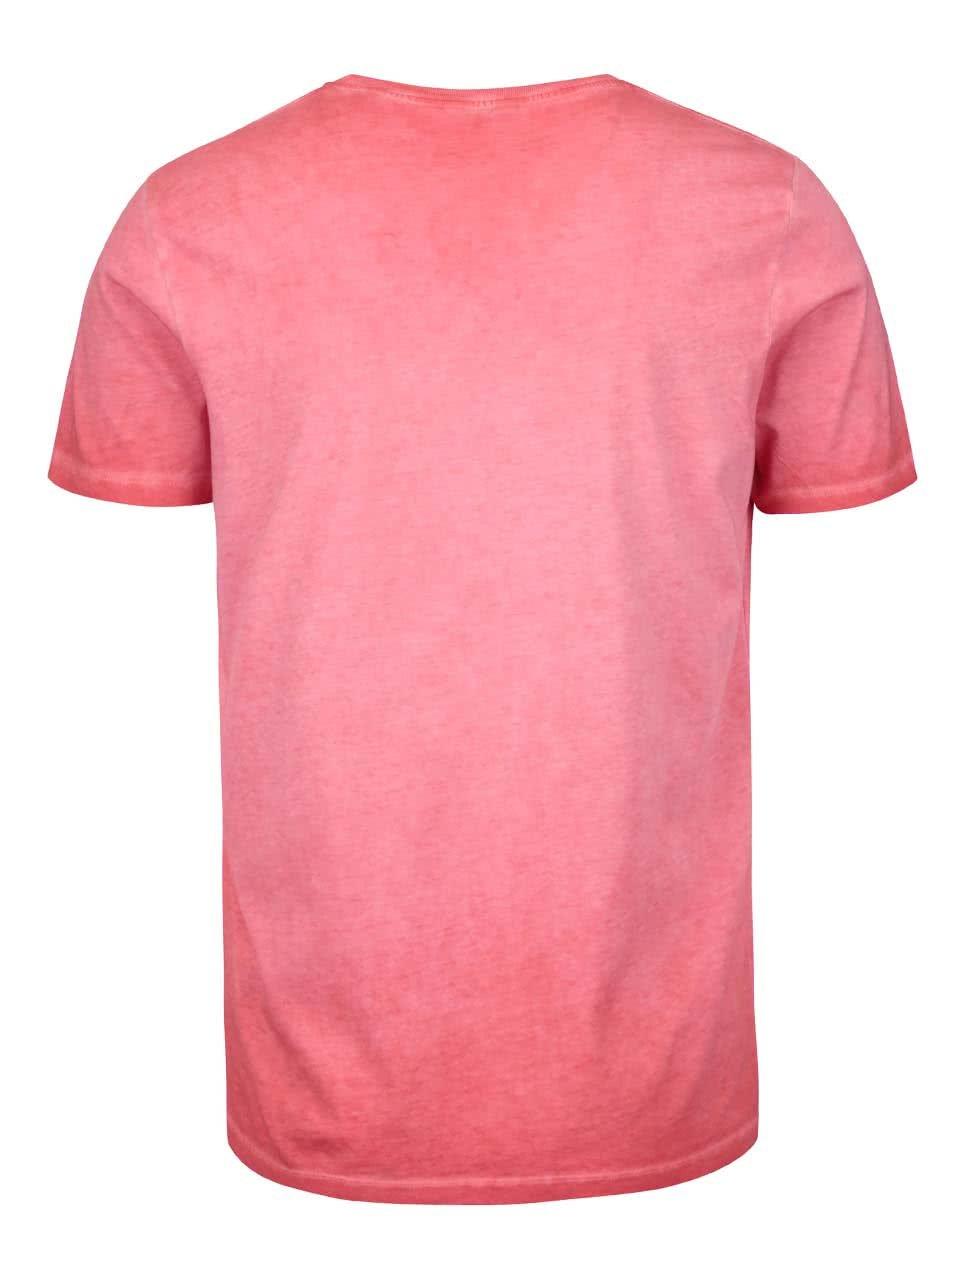 e4a5e50b5ea1 Červené pánske tričko s potlačou Pepe Jeans Battersea ...